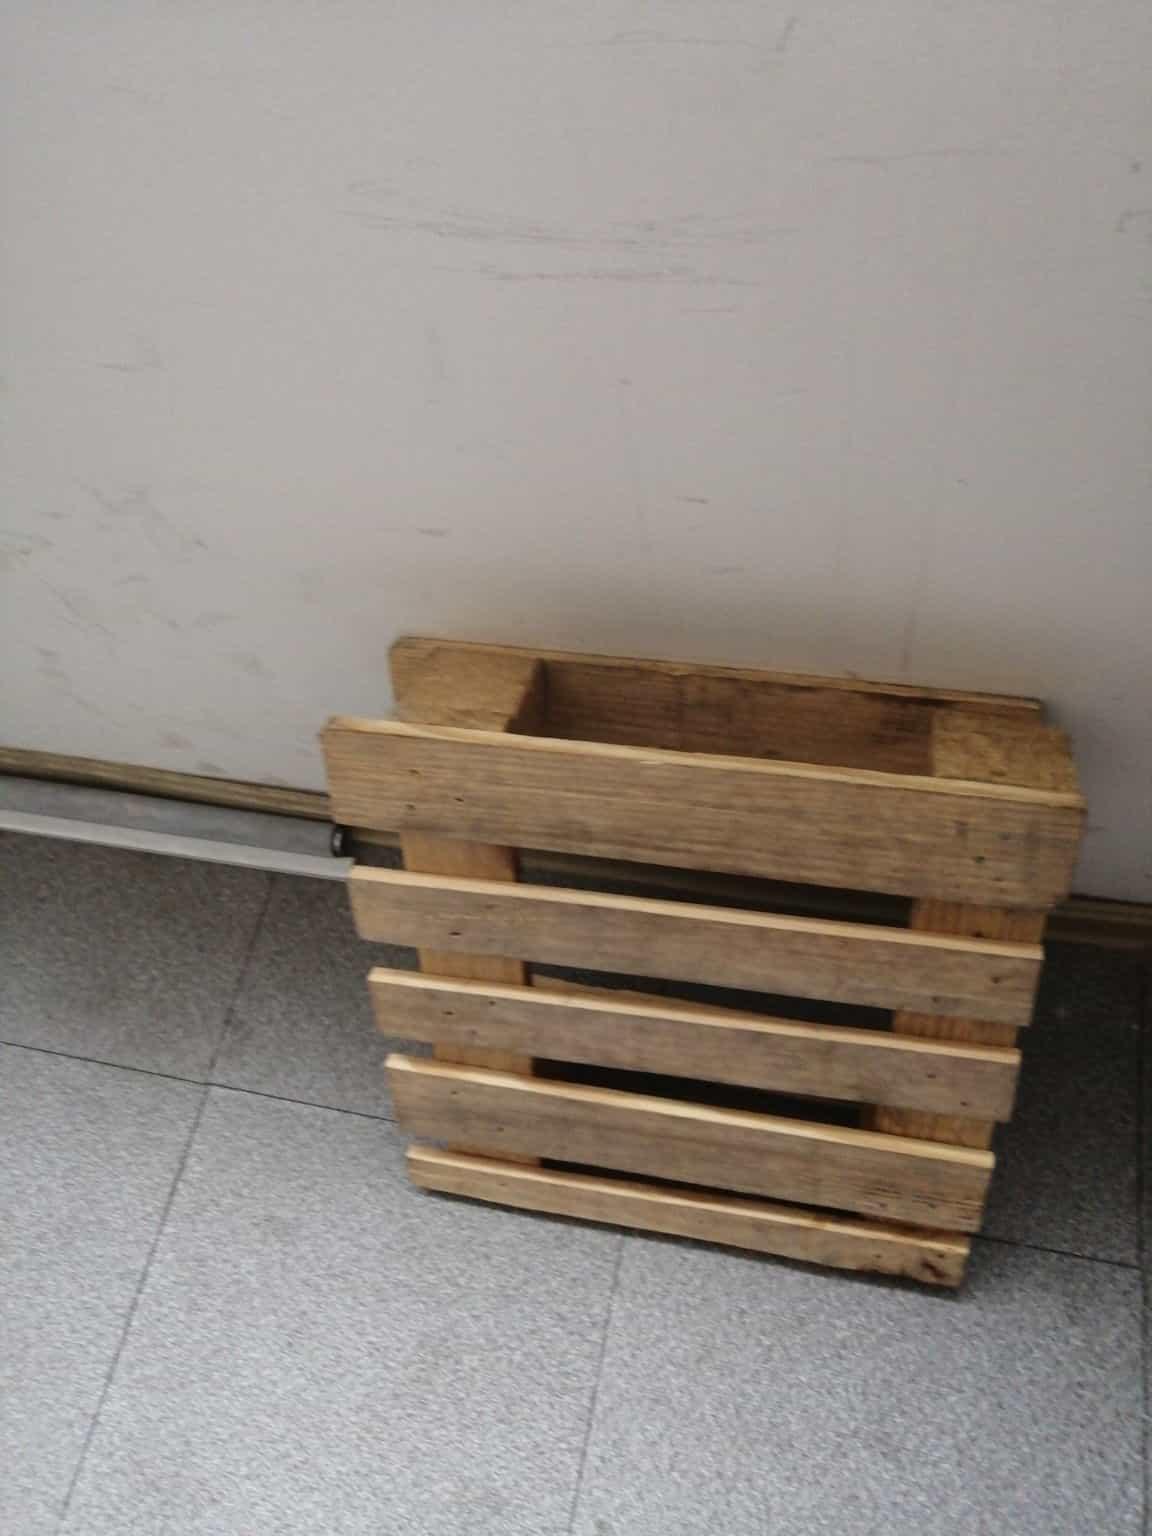 ?, ◑➫∈?头多层板木托盘是一种??,✍┿㊠☎具工业托盘之功能、活动层板